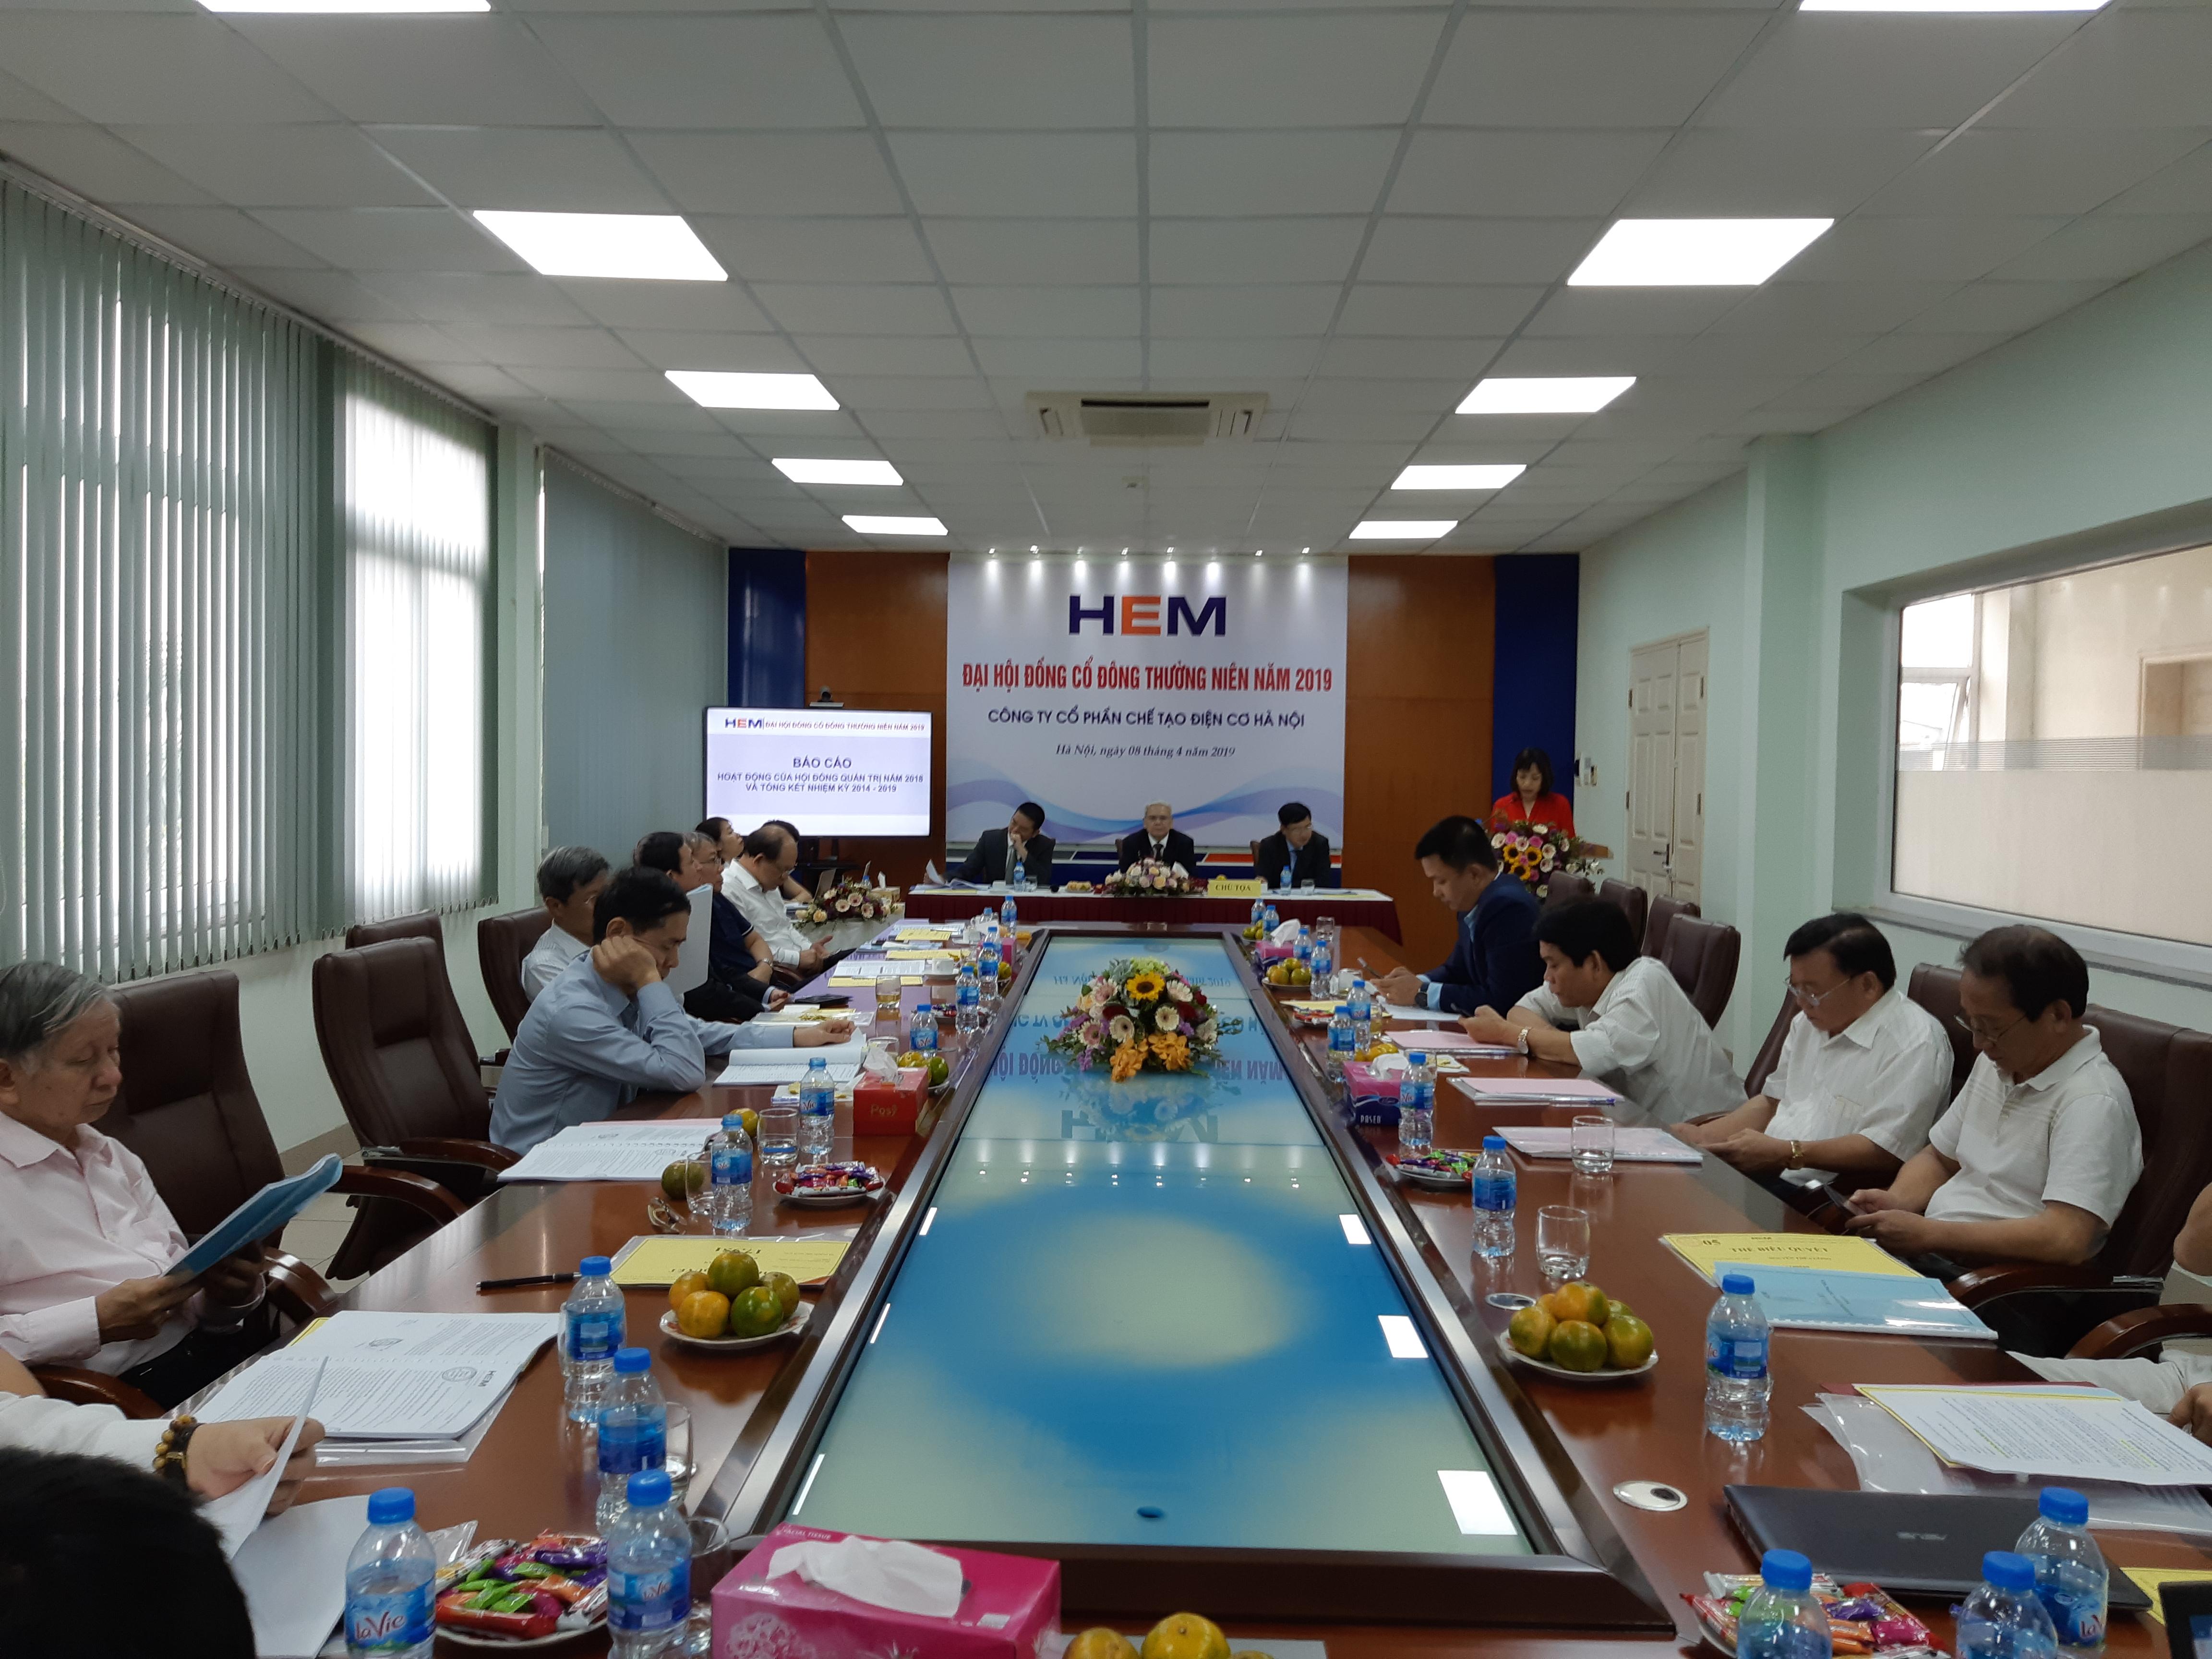 Gelex muốn nắm giữ toàn bộ công ty sở hữu 35% vốn khách sạn Melia Hà Nội